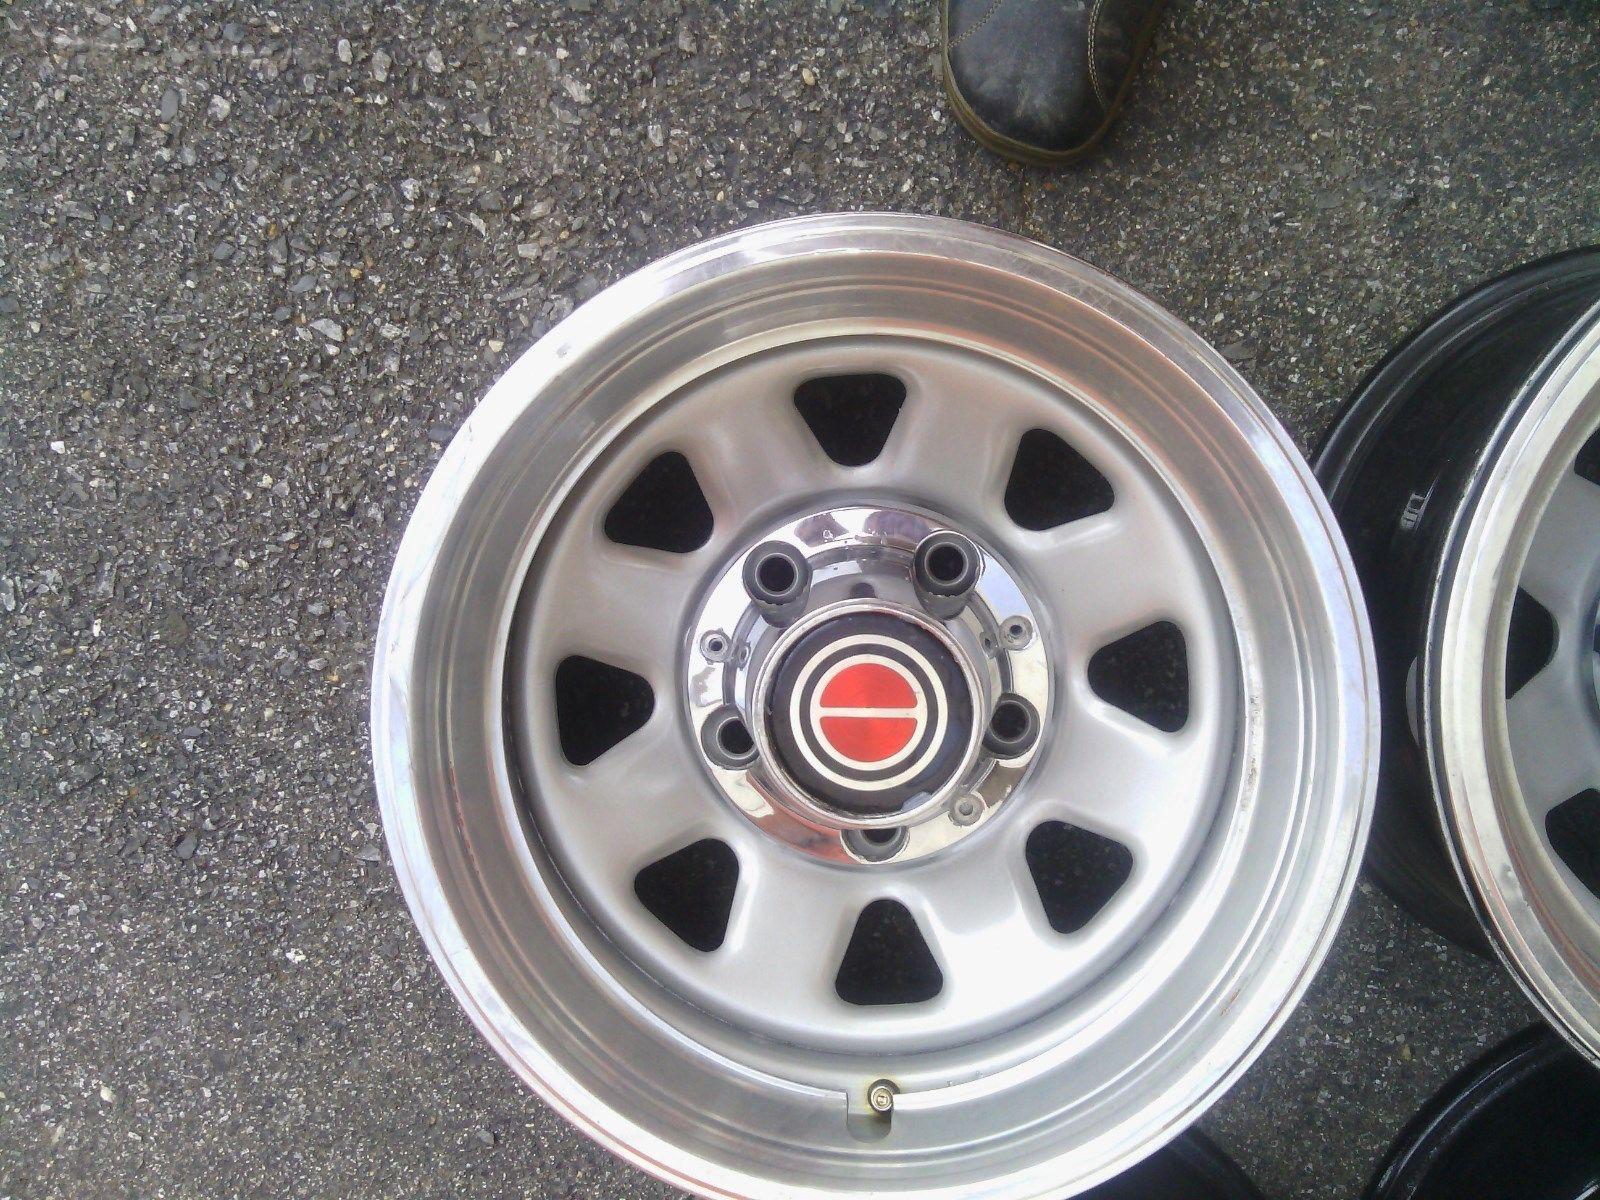 Wagon Wheels E Ddaadc B Baefe B B on 1996 Bronco Red